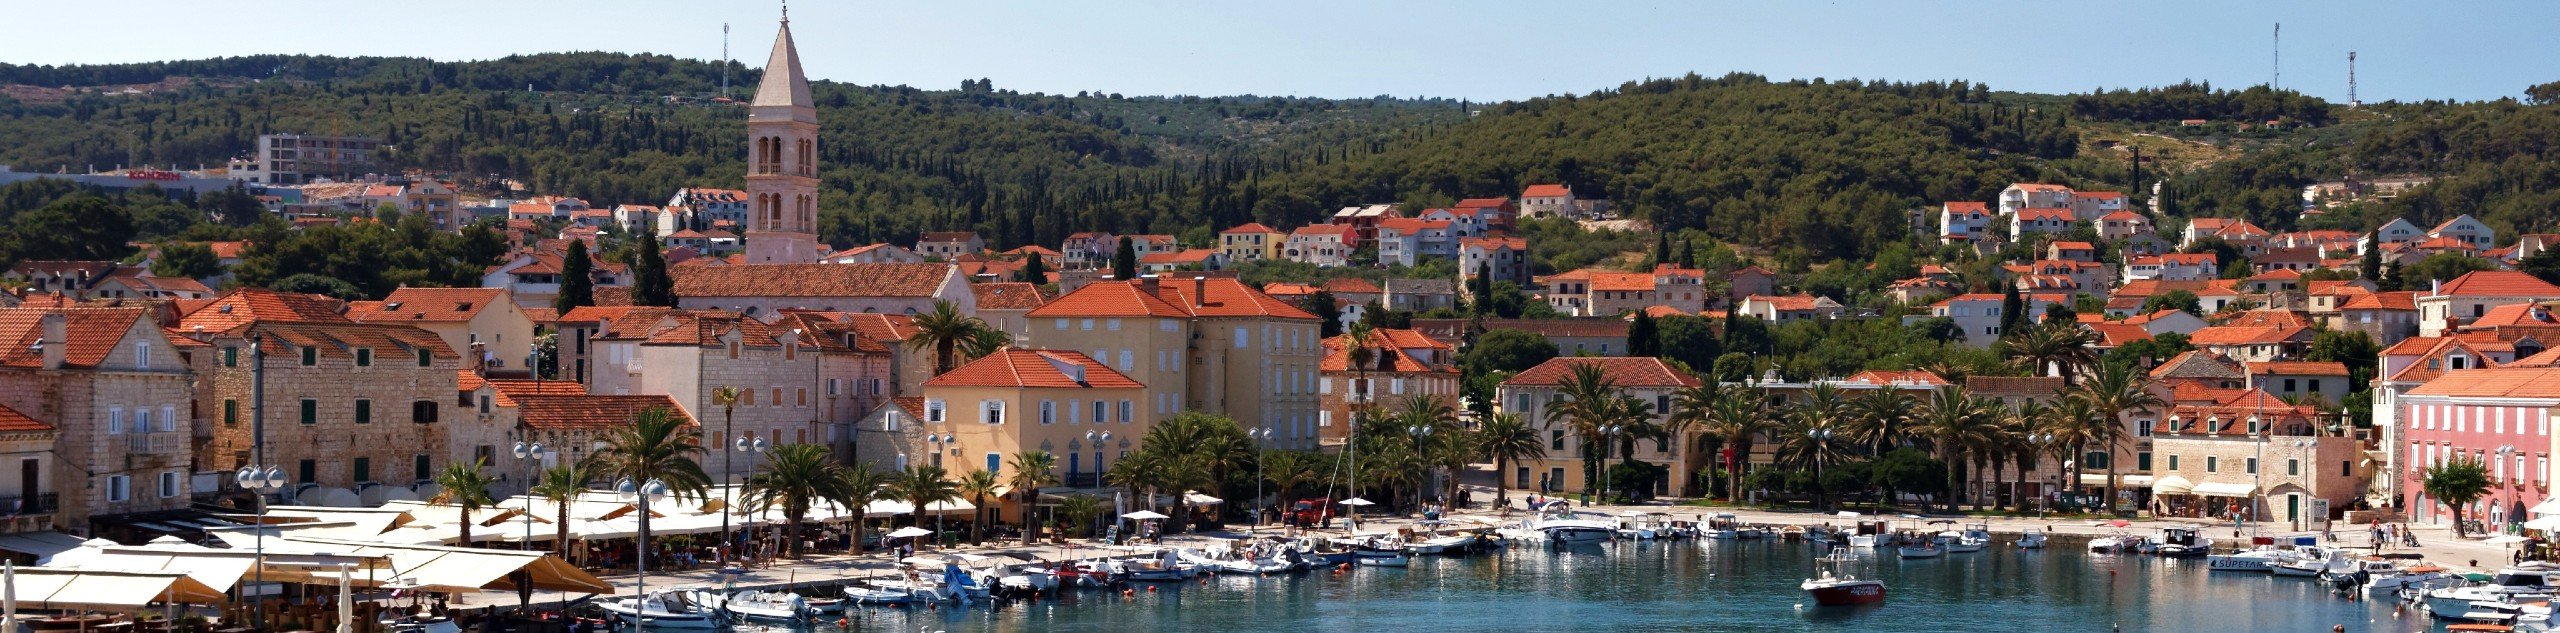 Croatian Islands by Bike and Boat